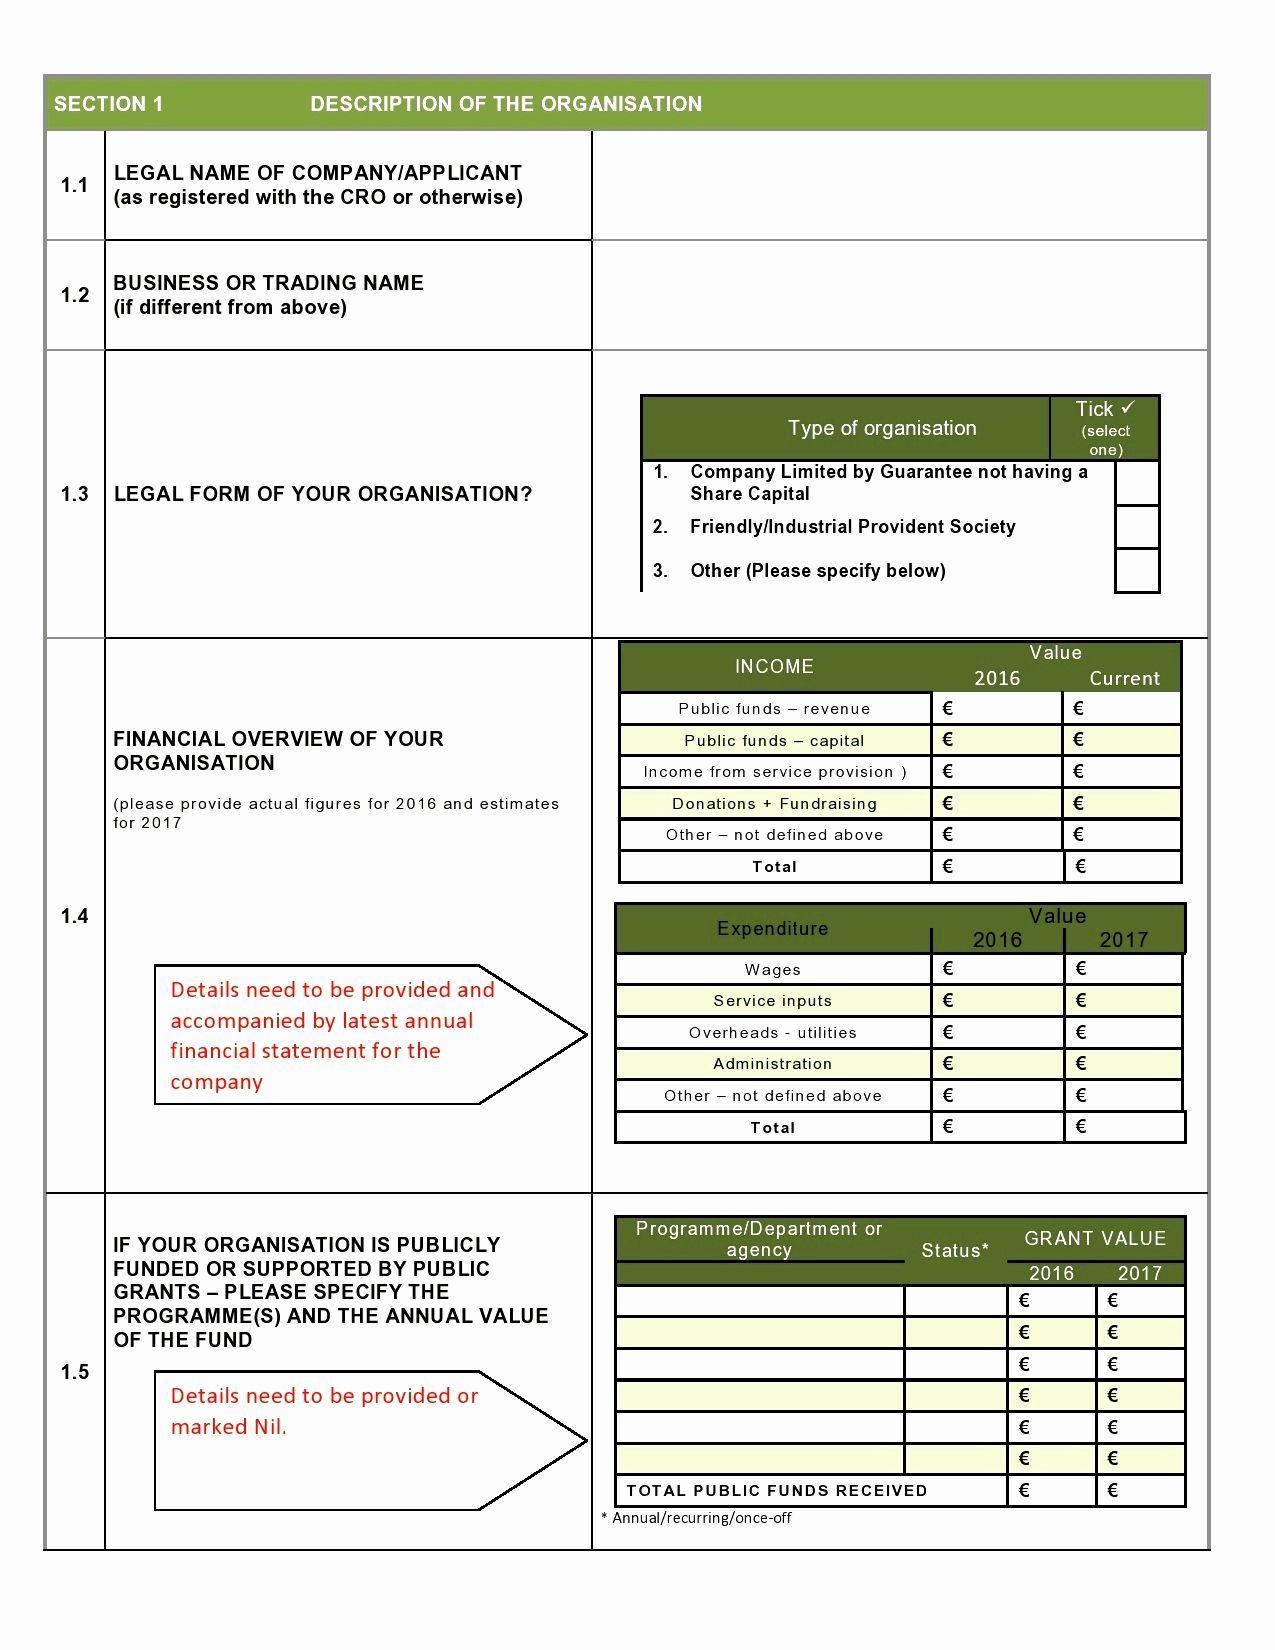 Ordered Pairs Worksheet